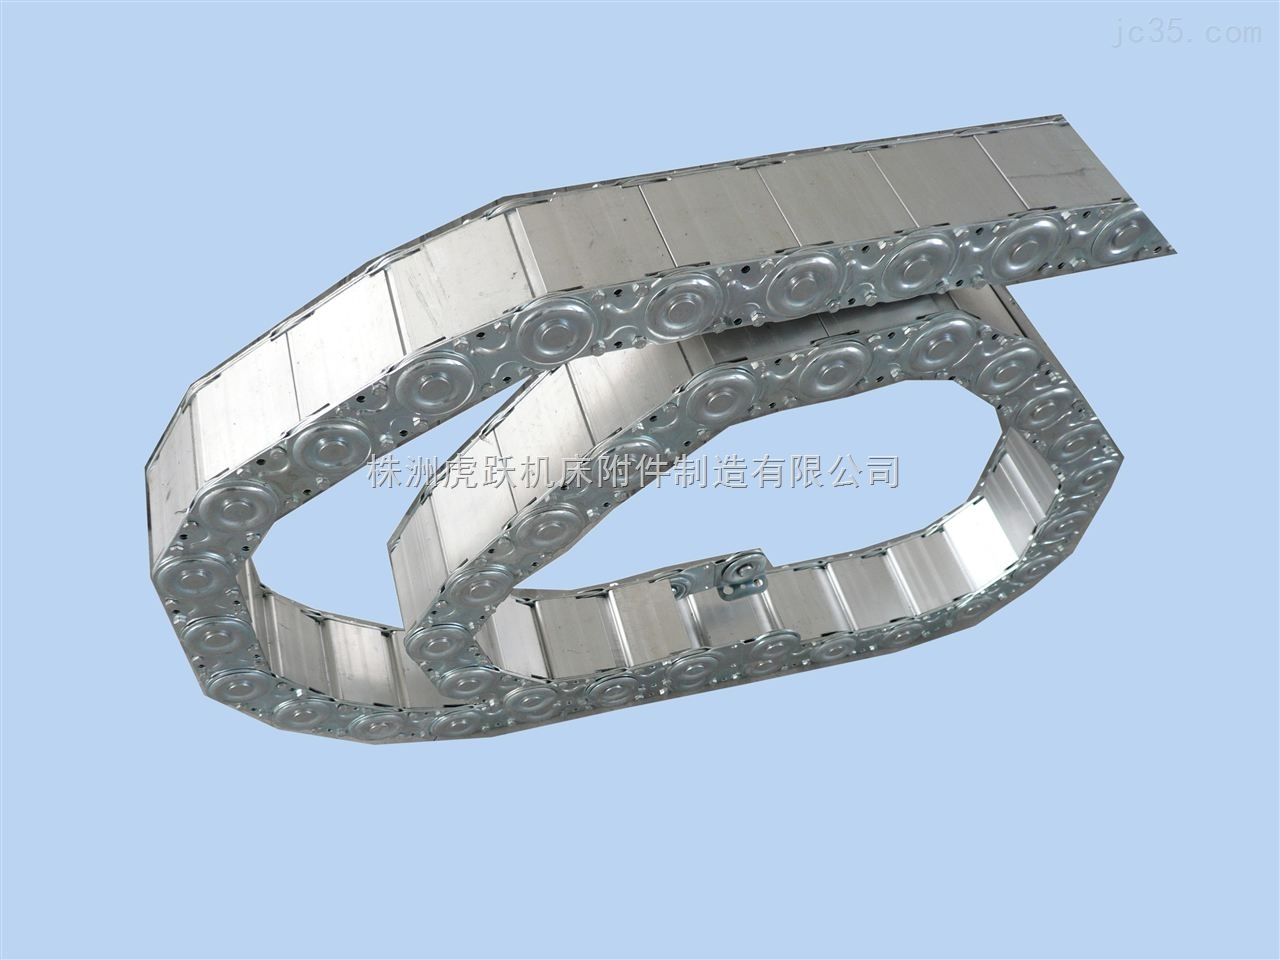 株洲虎跃—开孔式《机床钢铝拖链》